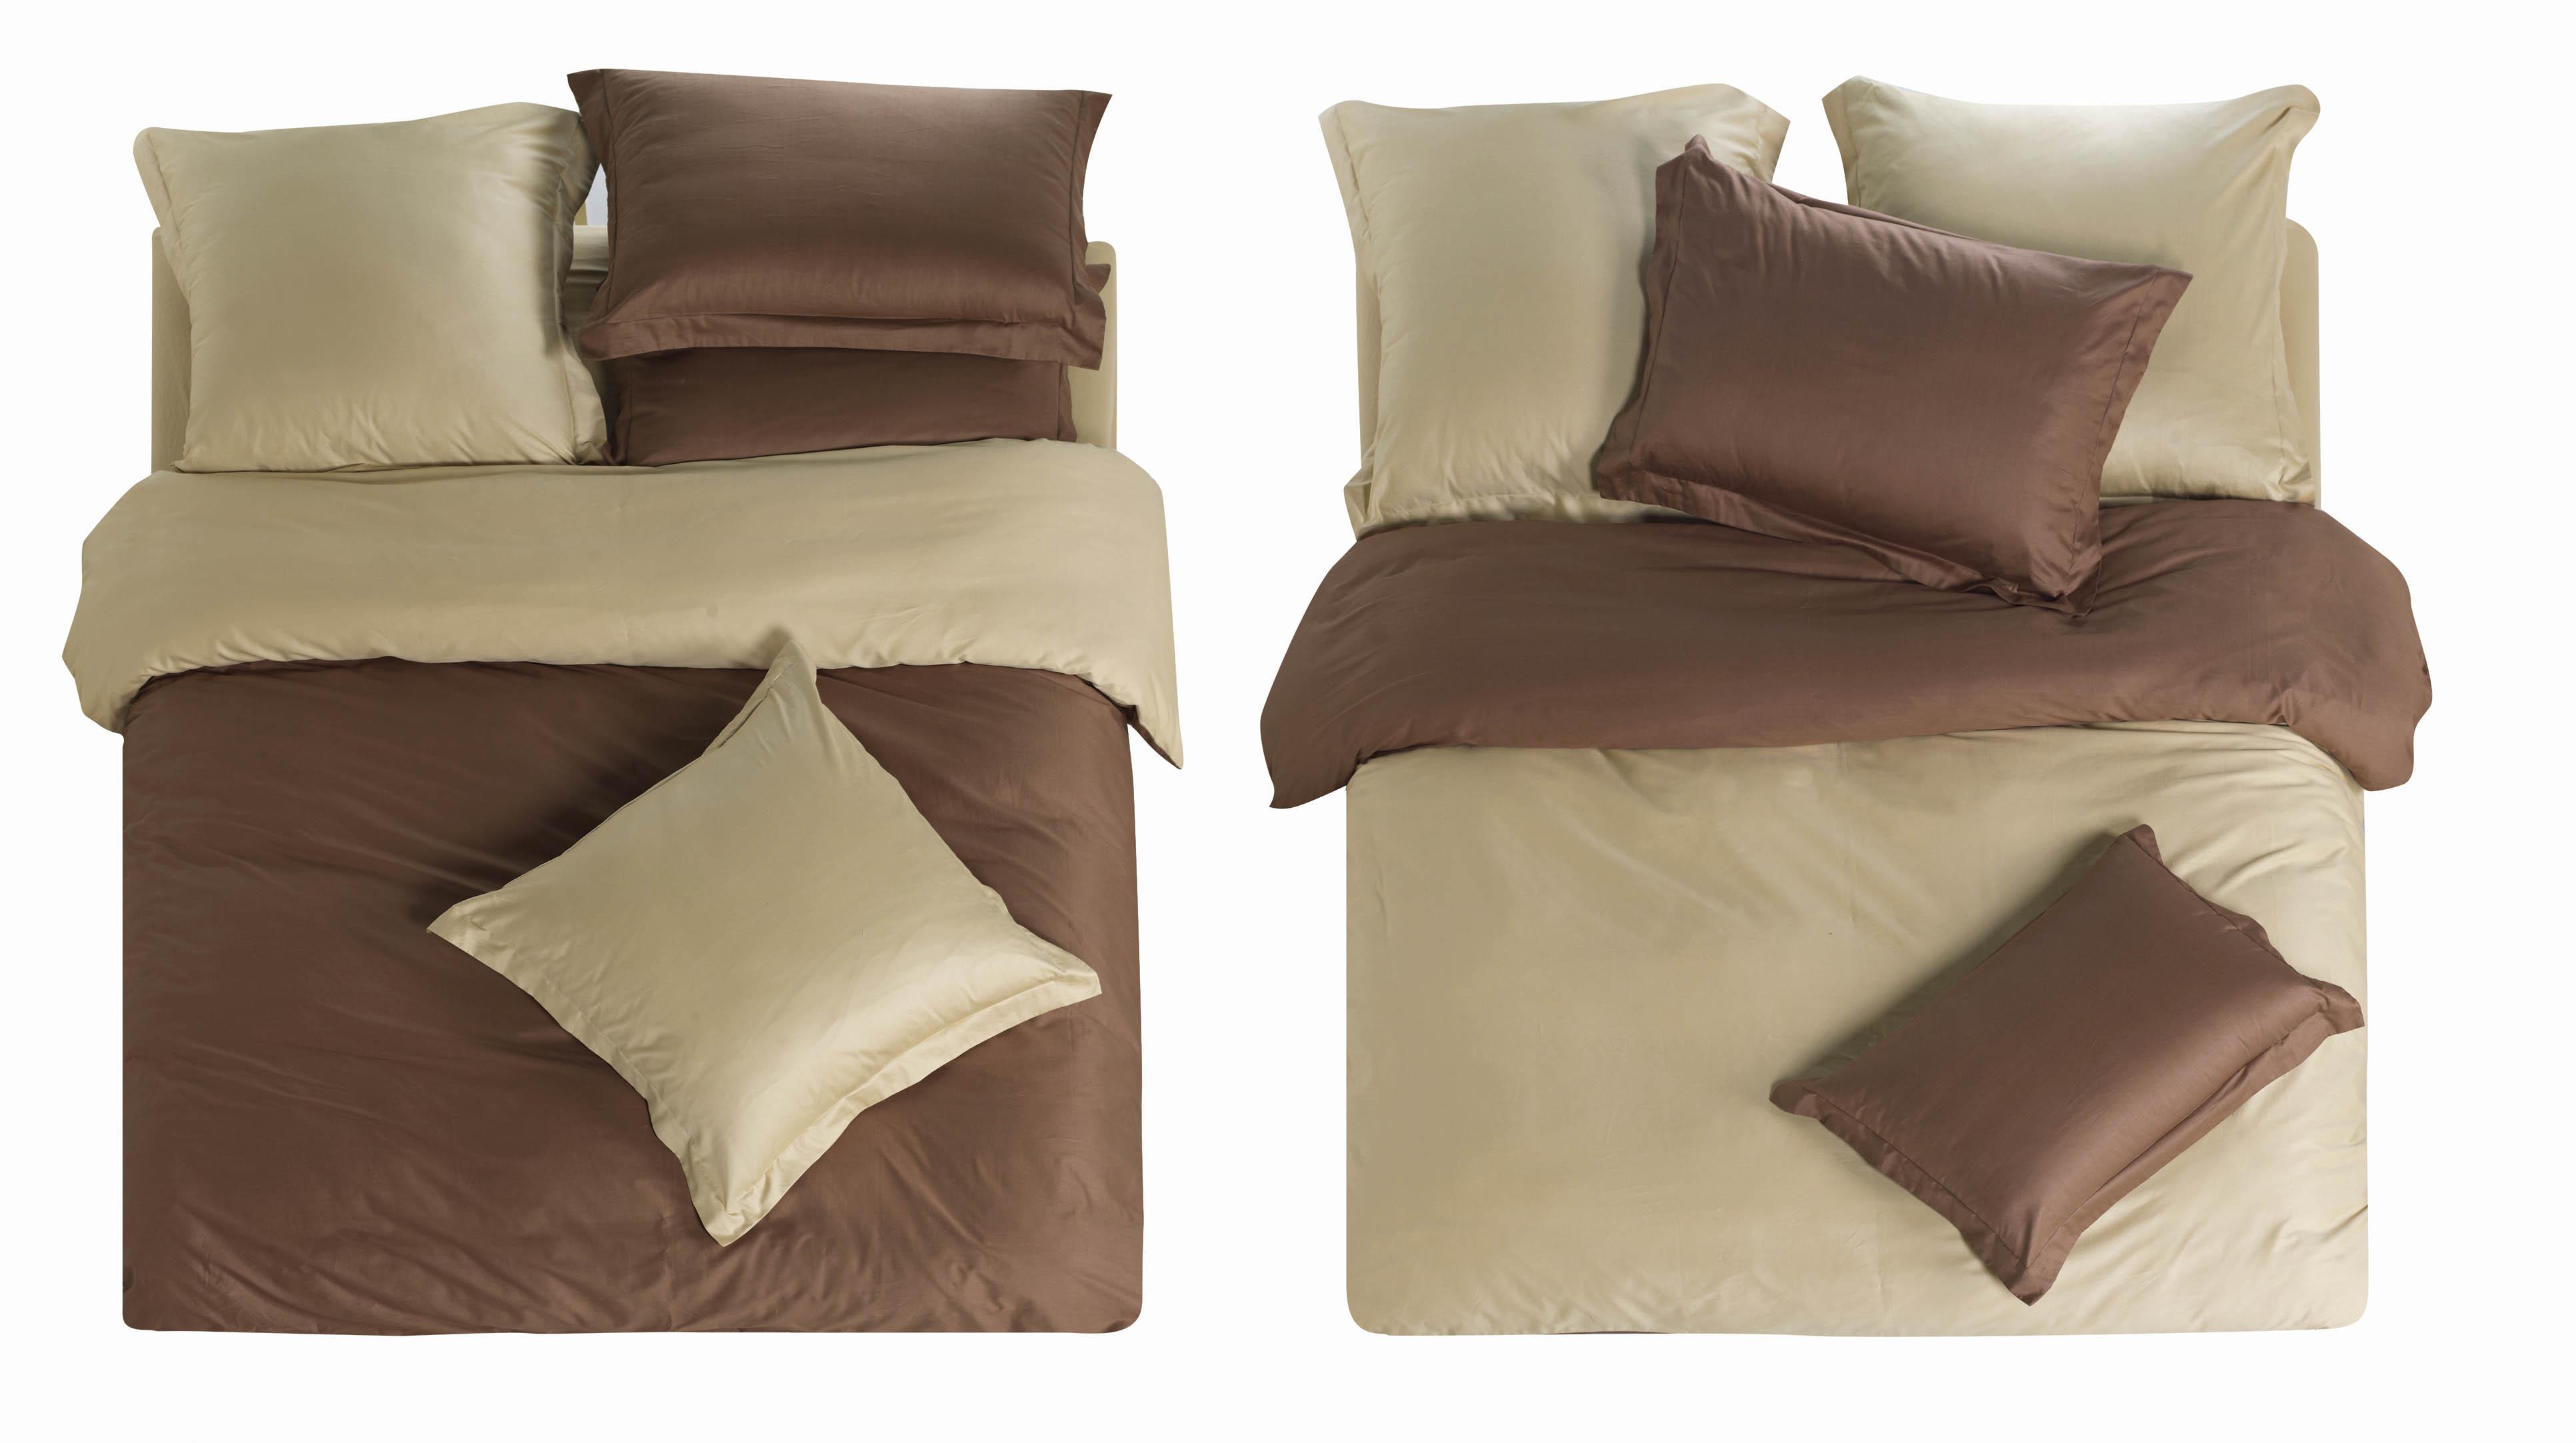 Комплекты постельного белья СайлиД, Постельное белье Melva L- 5 (2 сп. евро), Китай, Коричневый, Кремовый, Хлопковый сатин  - Купить